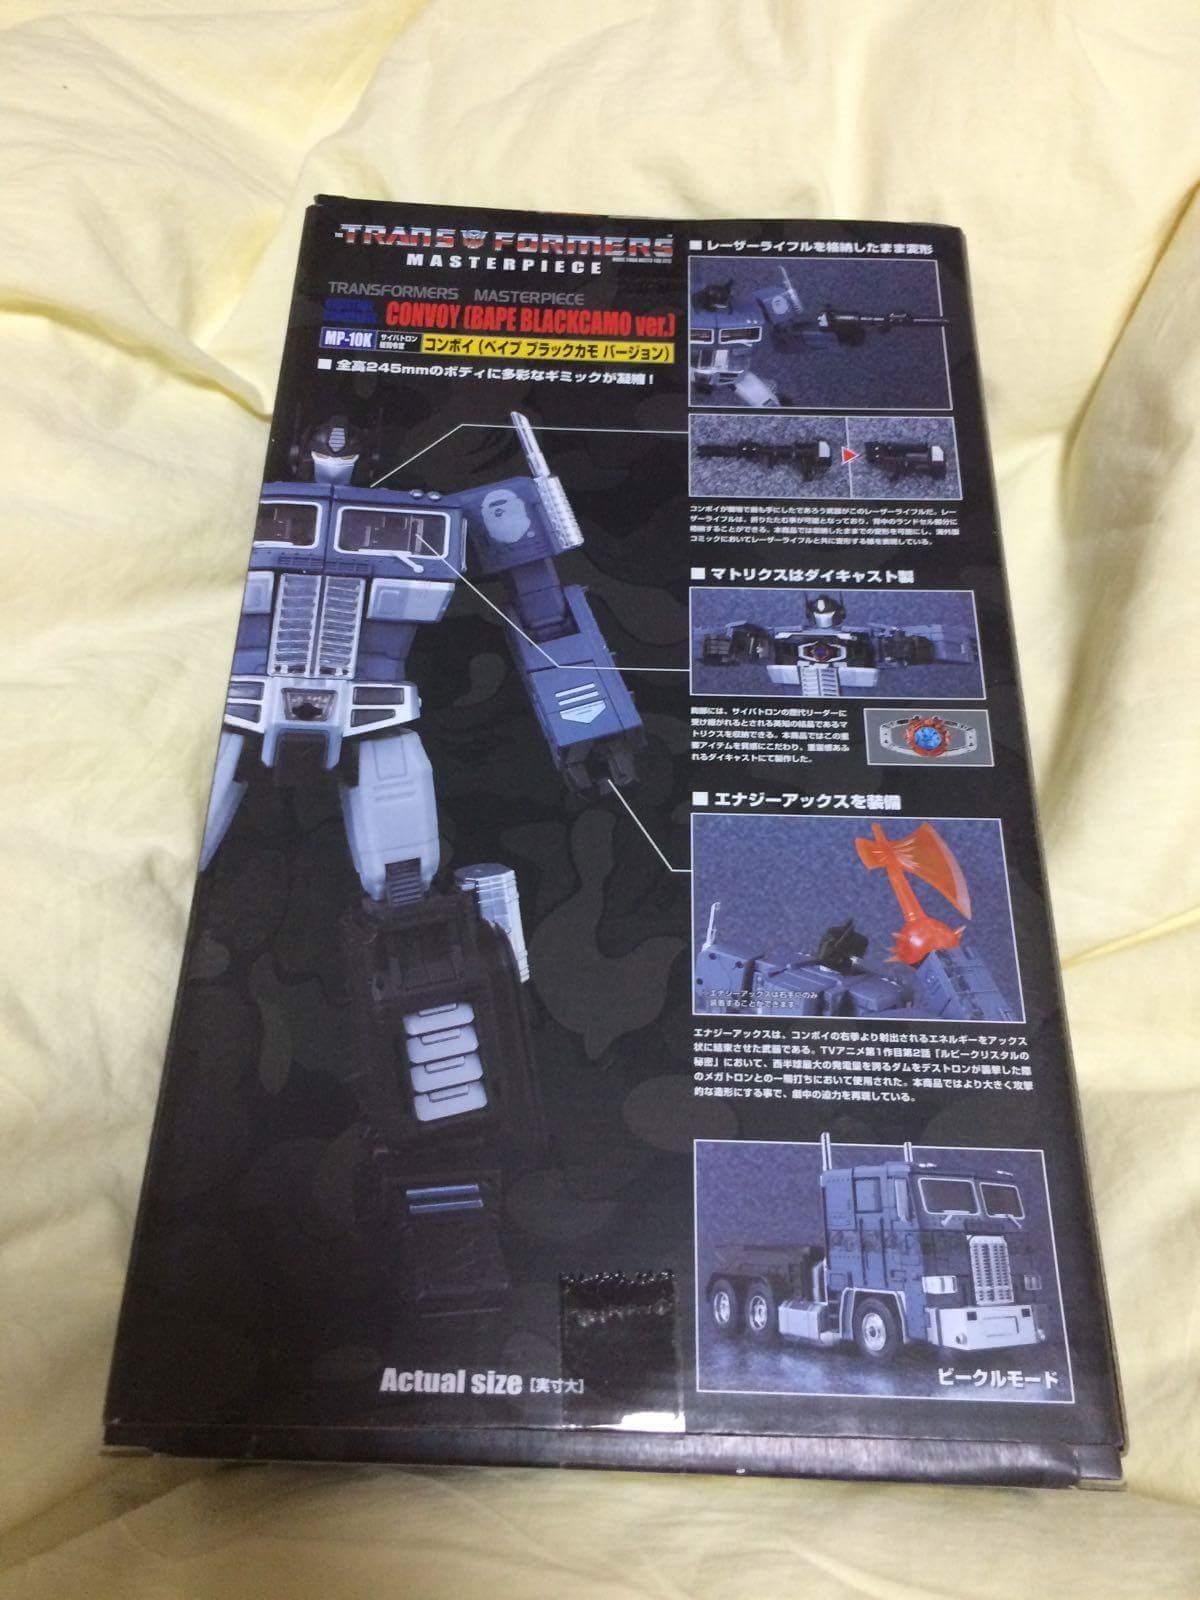 [Masterpiece] MP-10B | MP-10A | MP-10R | MP-10SG | MP-10K | MP-711 | MP-10G | MP-10 ASL ― Convoy (Optimus Prime/Optimus Primus) - Page 5 LtpPpNae